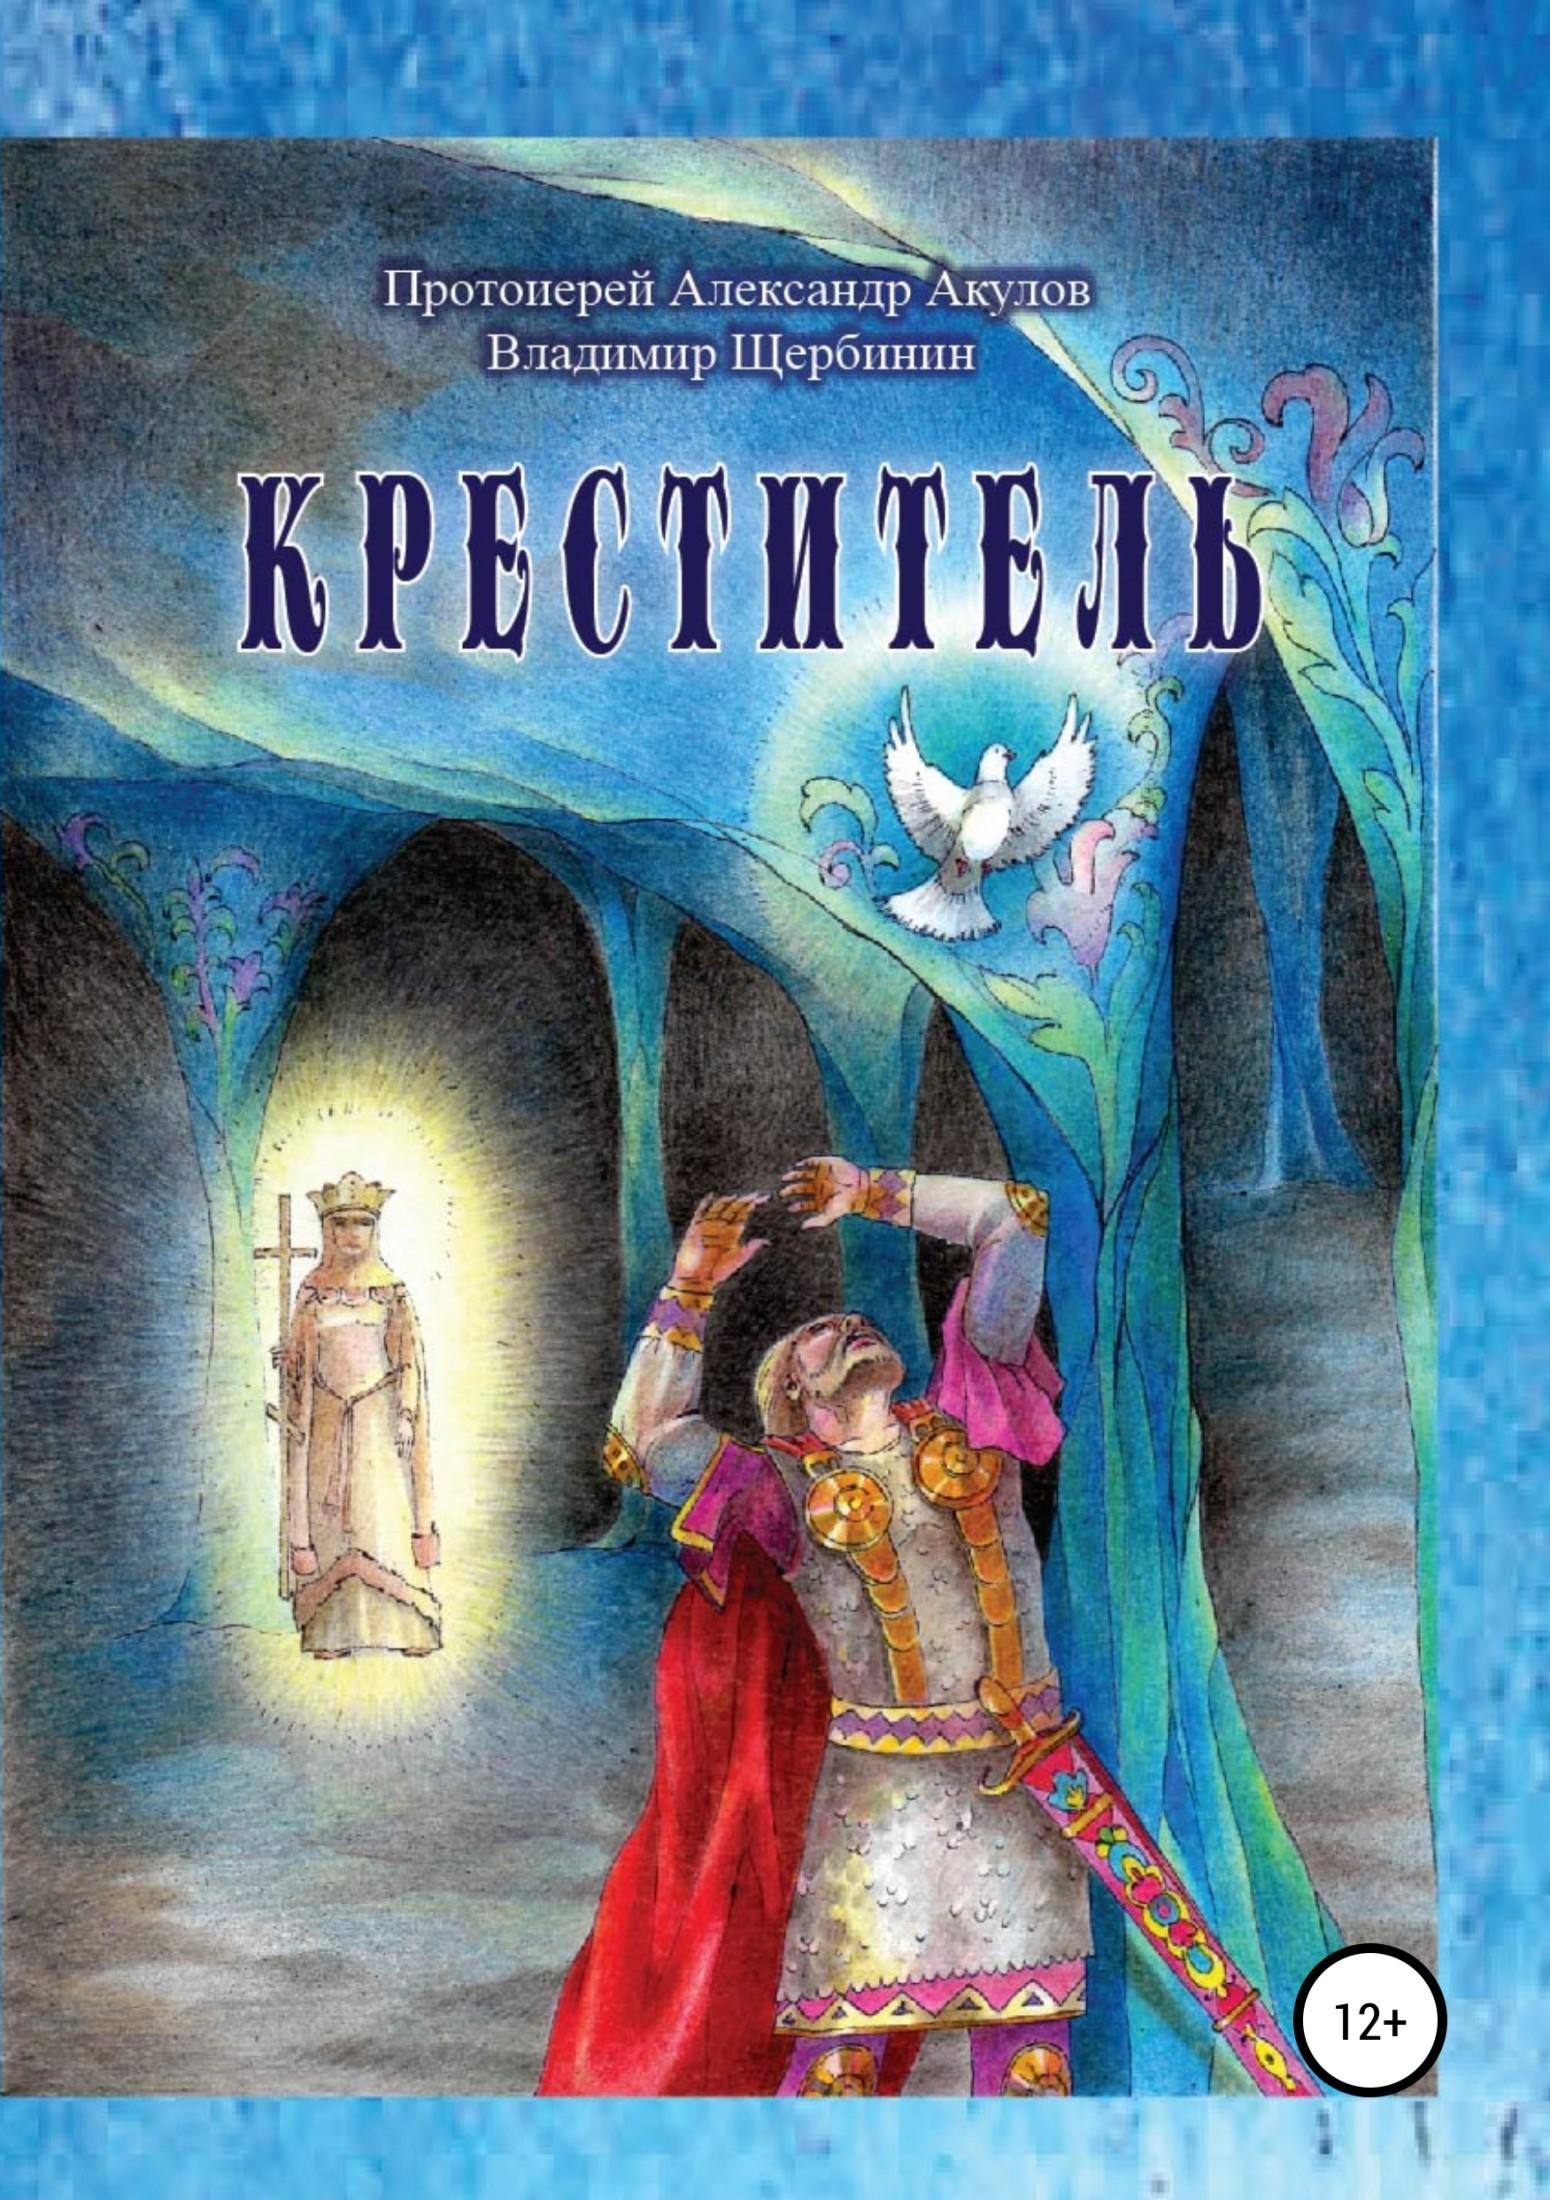 протоиерей Александр Акулов Креститель